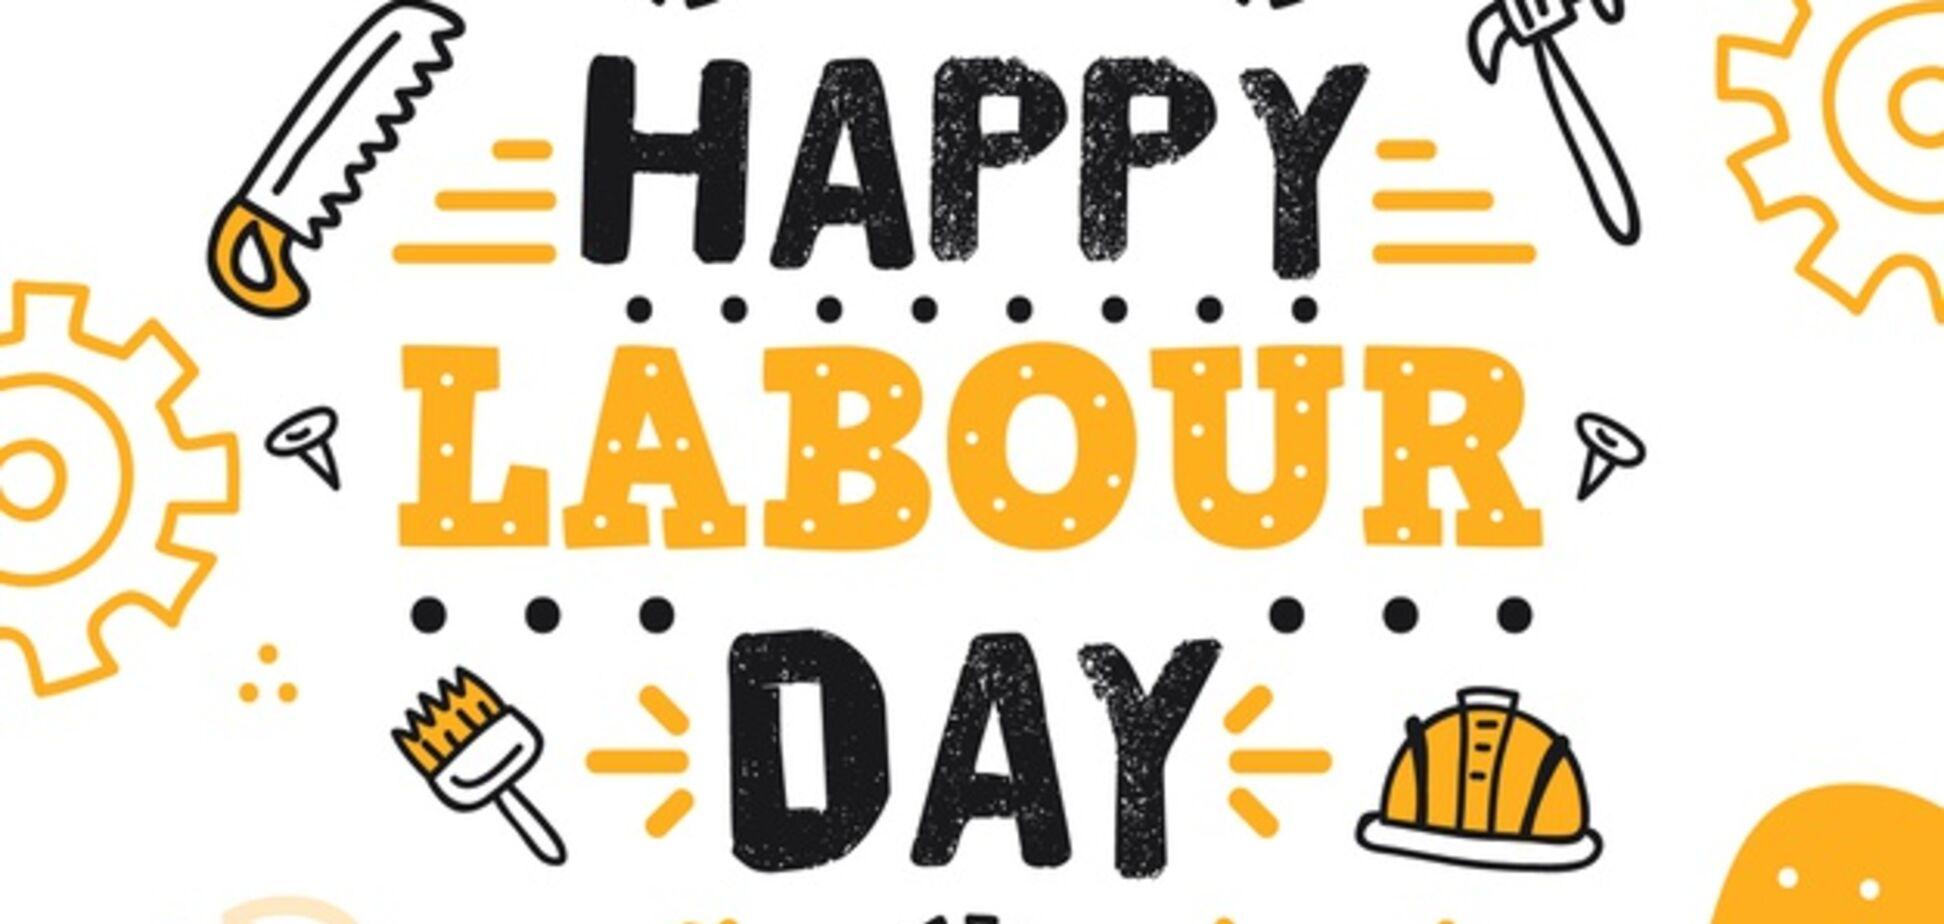 С 1 Мая: красивые поздравления, открытки и видео в День труда